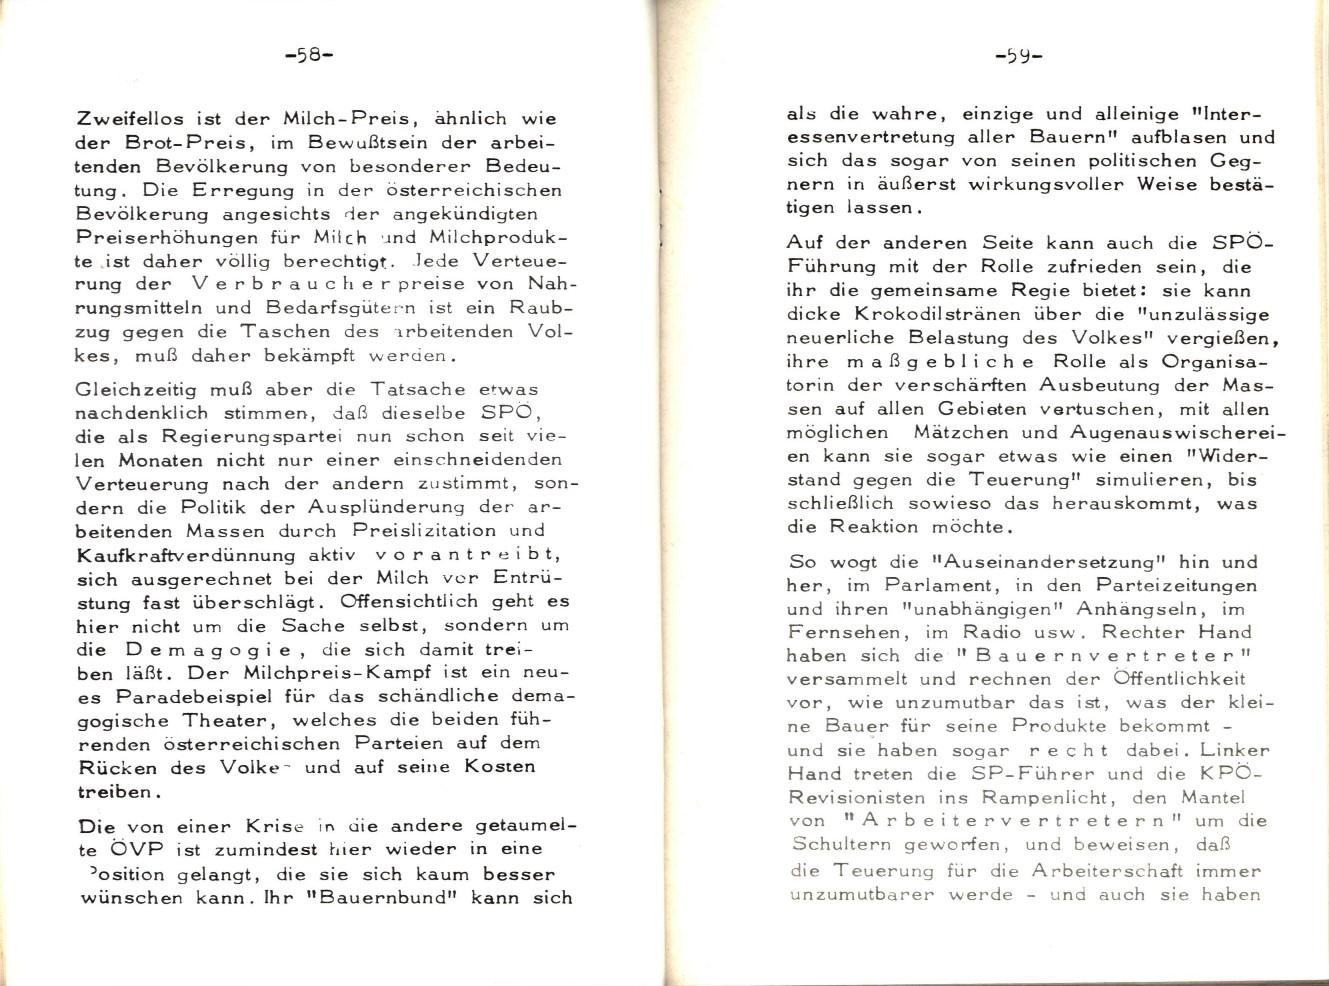 MLSK_Theorie_und_Praxis_des_ML_1978_23_33